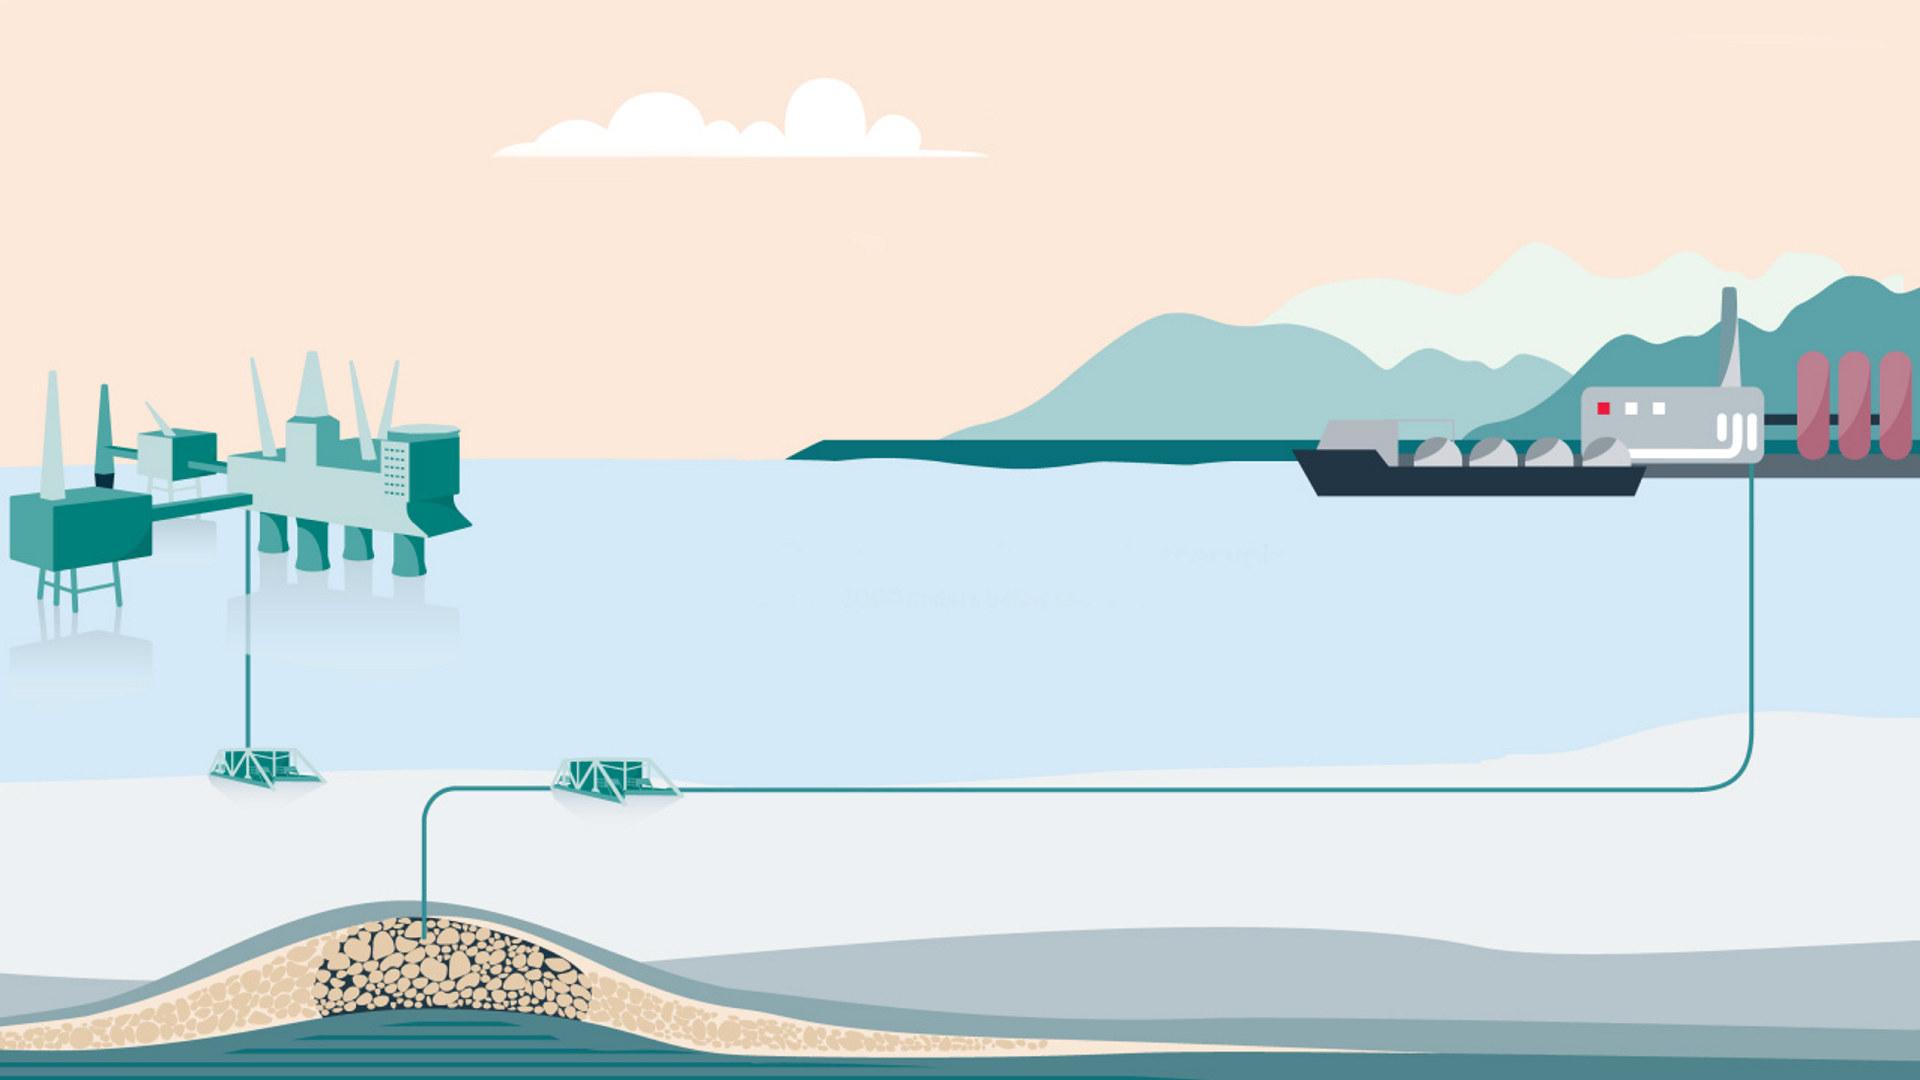 Illustrasjon av Northern Lights-prosjektet